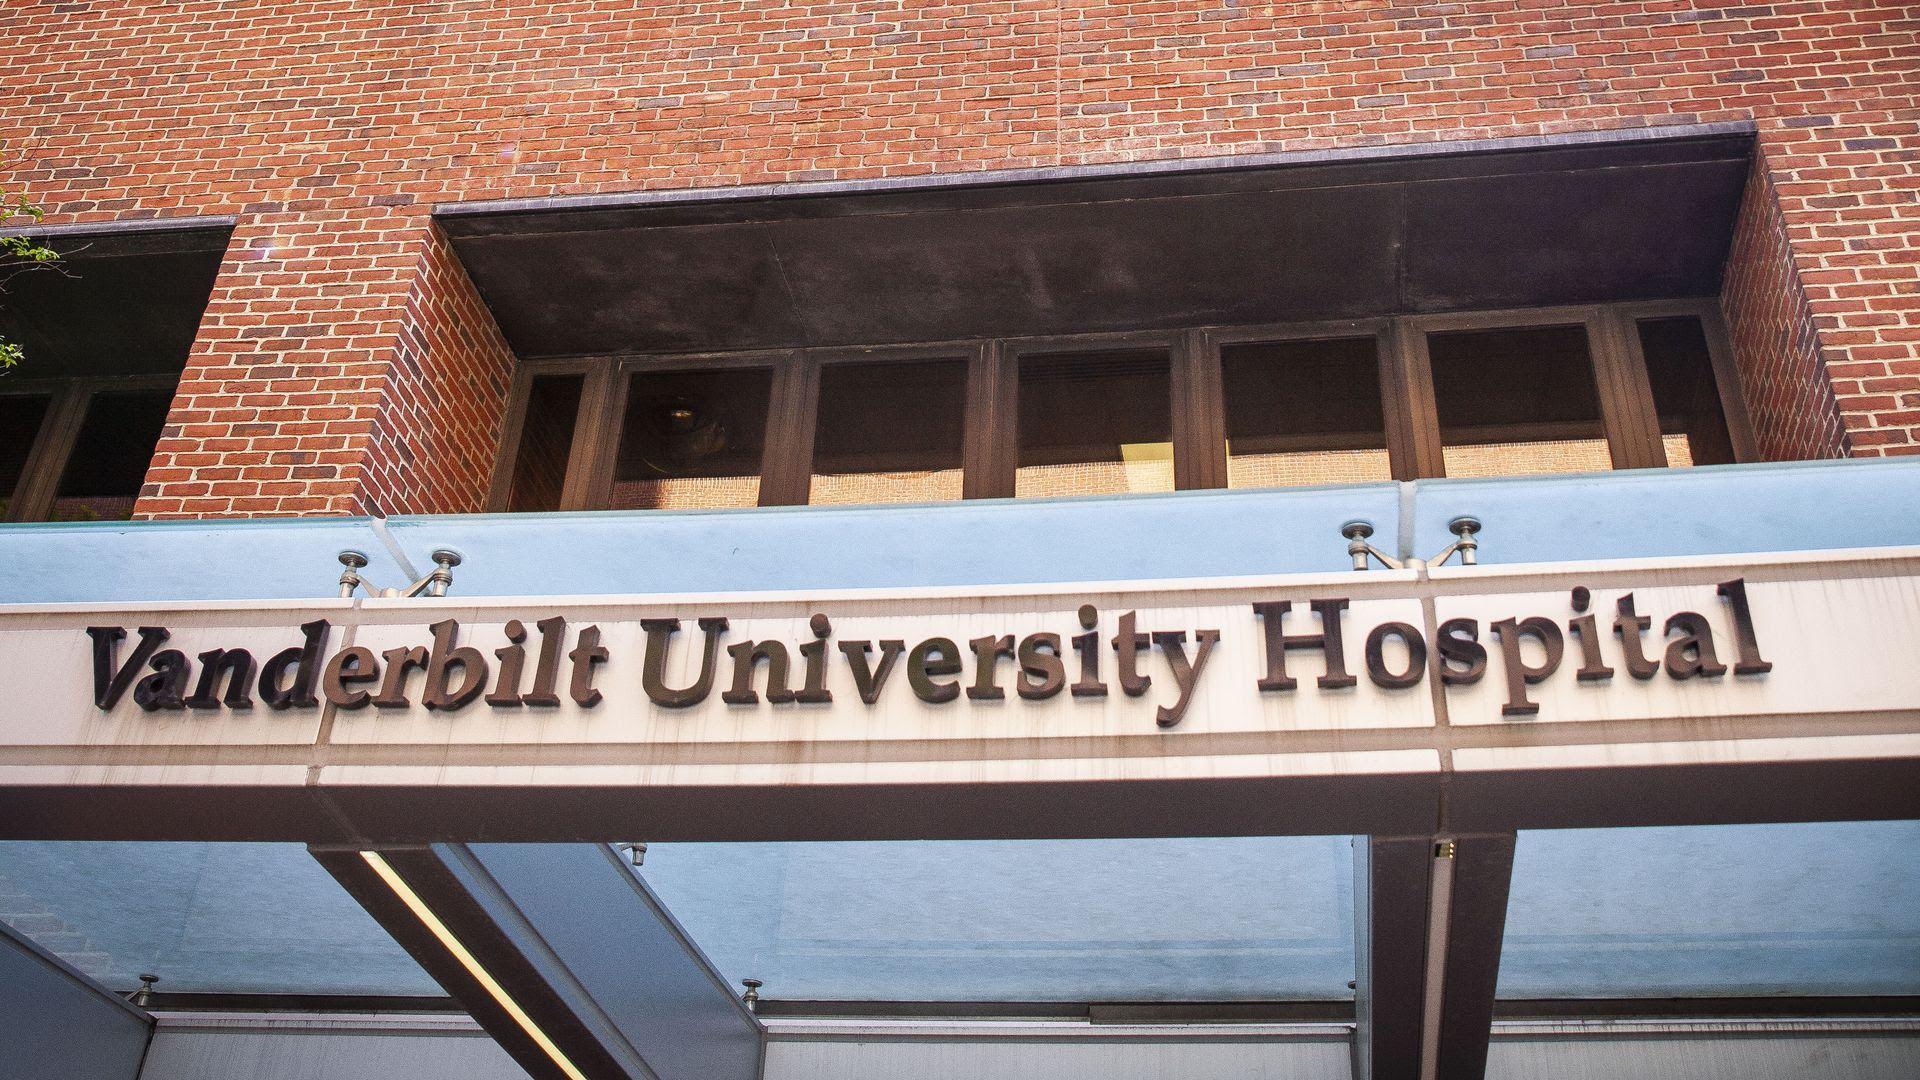 A sign outside the entrance to Vanderbilt University Medical Center.